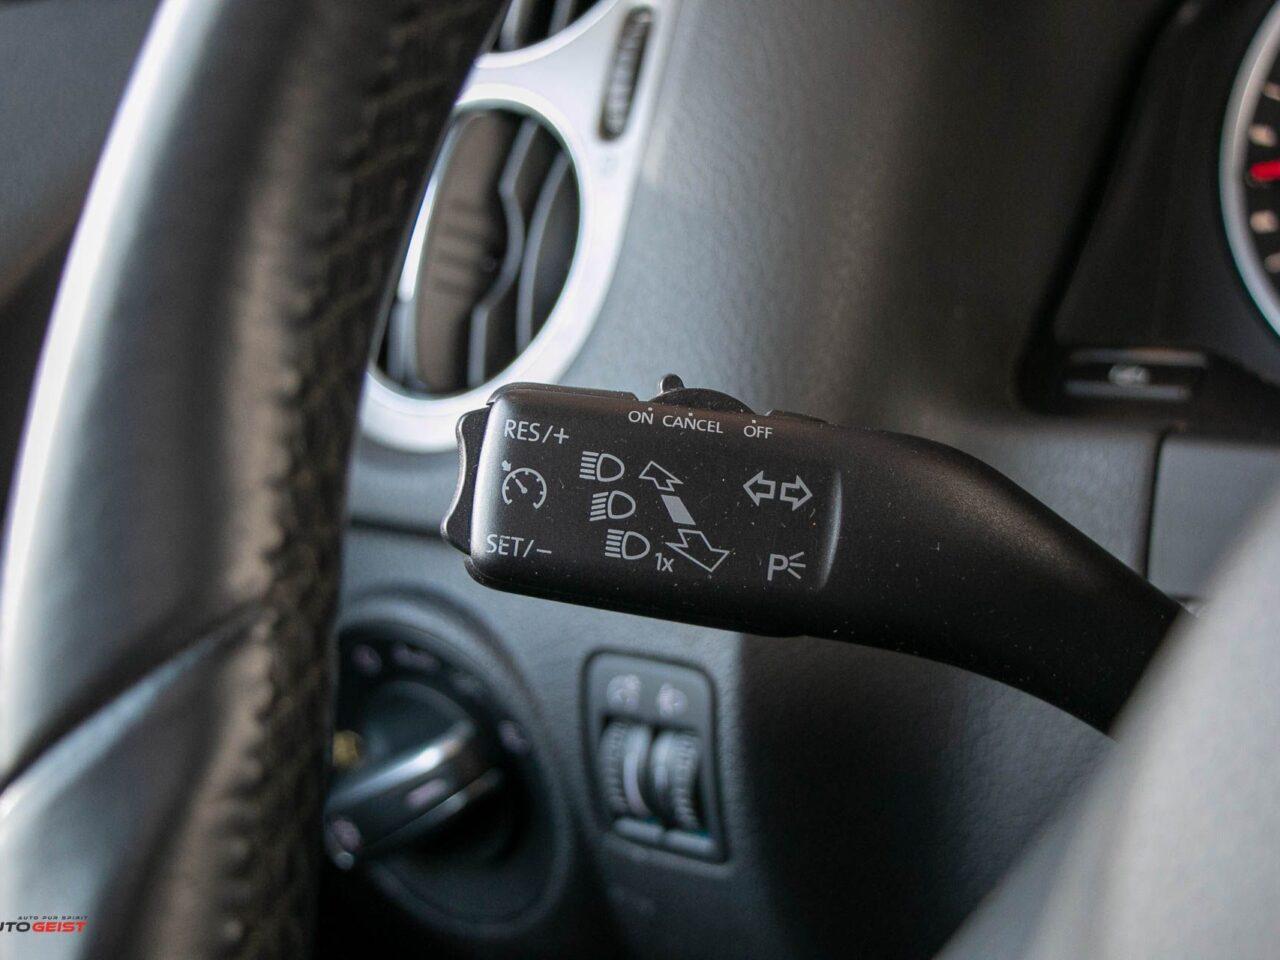 VW-TIGUAN-2011-3731